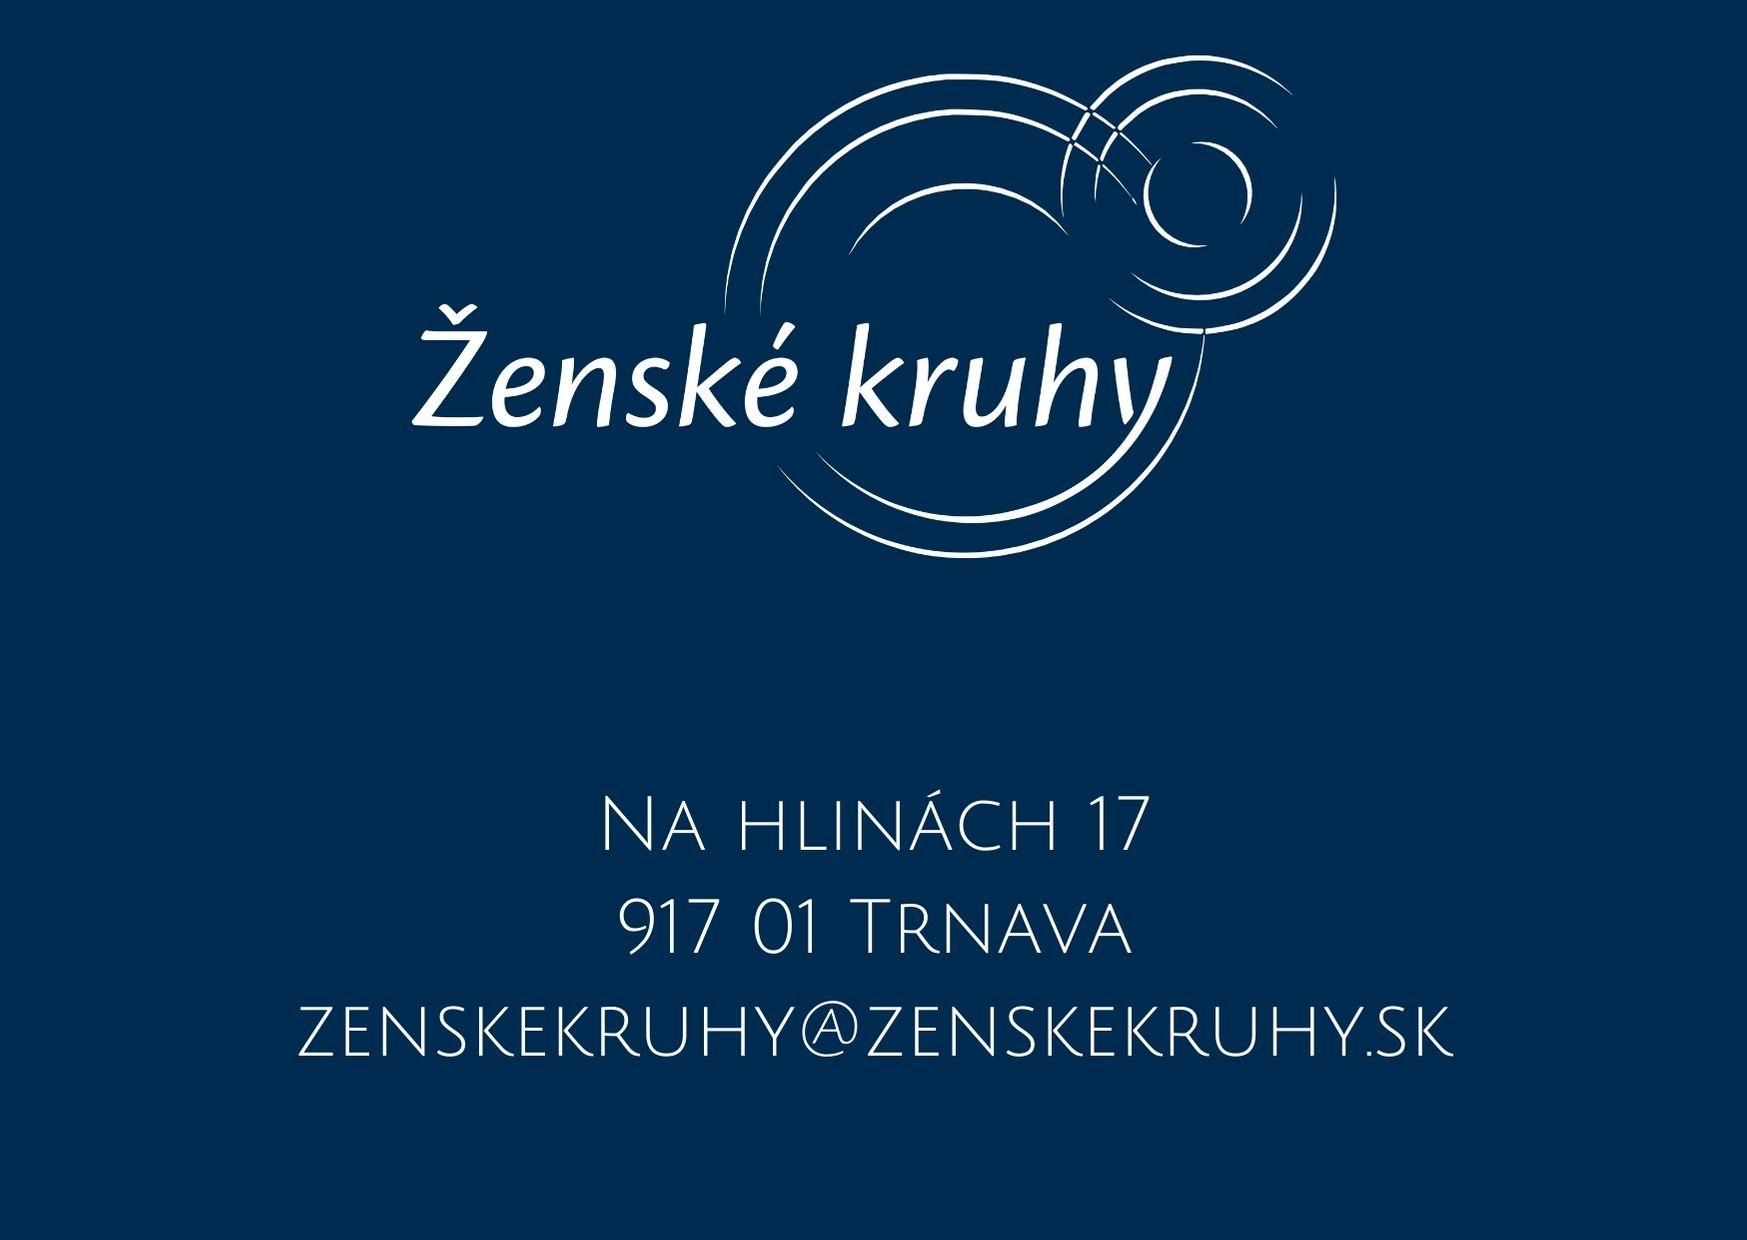 Na hlinách 17 917 01 Trnava zenskekruhy@zenskekruhy.sk (1)